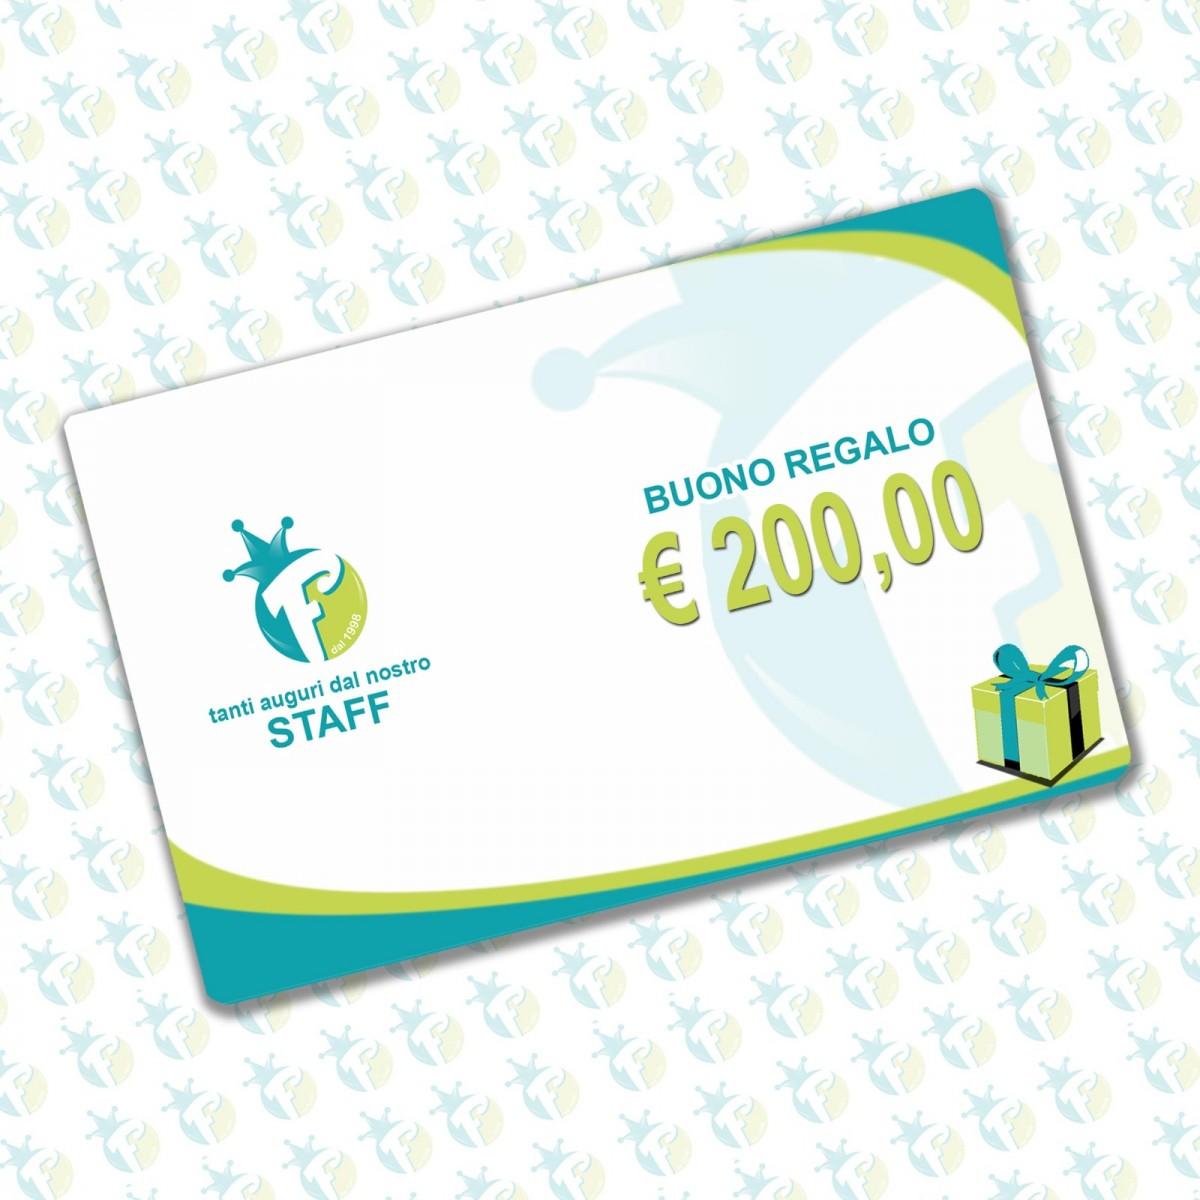 Buono regalo 200 €